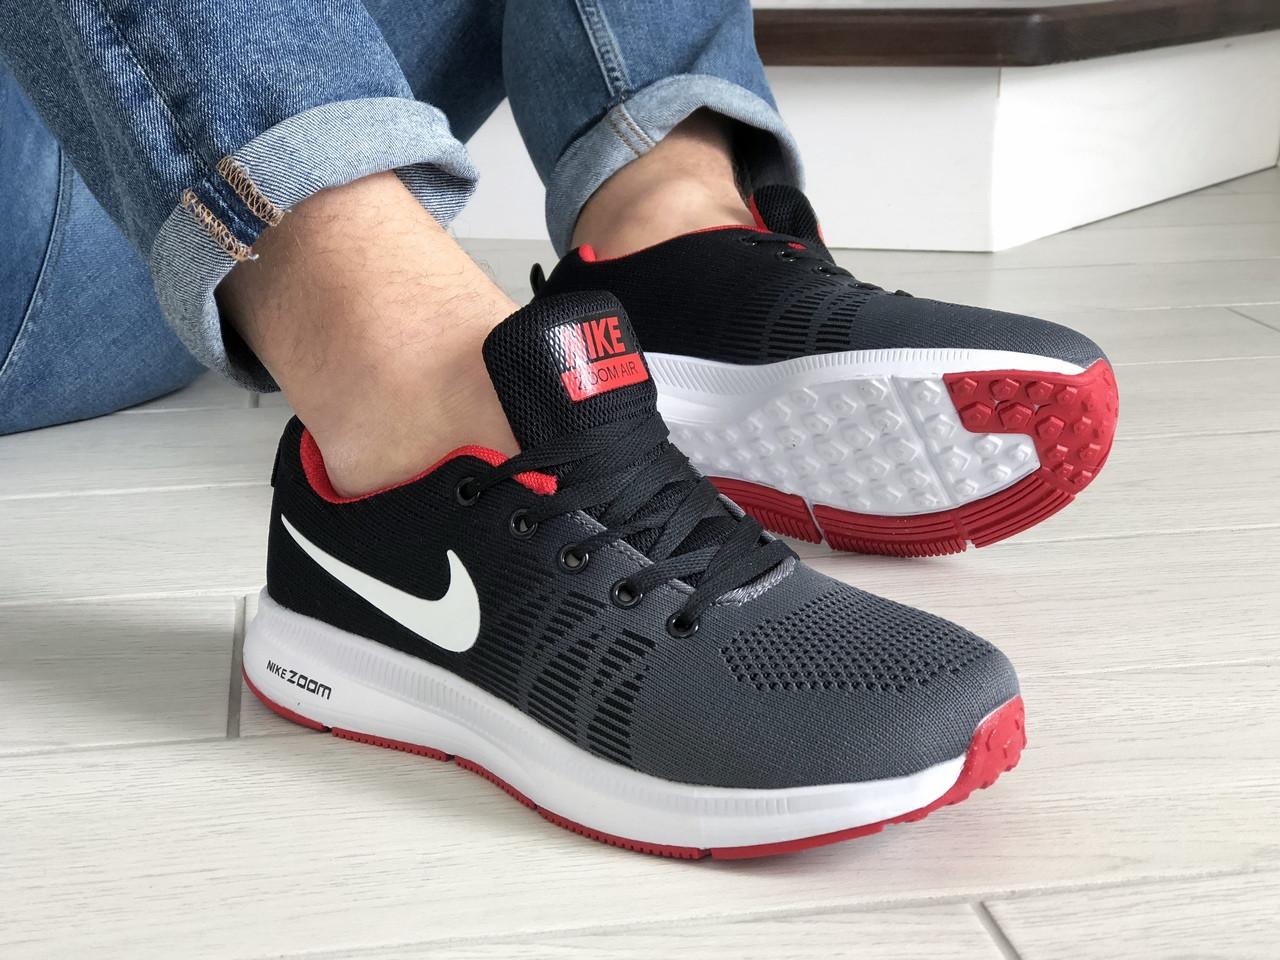 Чоловічі кросівки Nike Zoom, сірі з червоним / кросівки чоловічі Найк (Топ репліка ААА+)